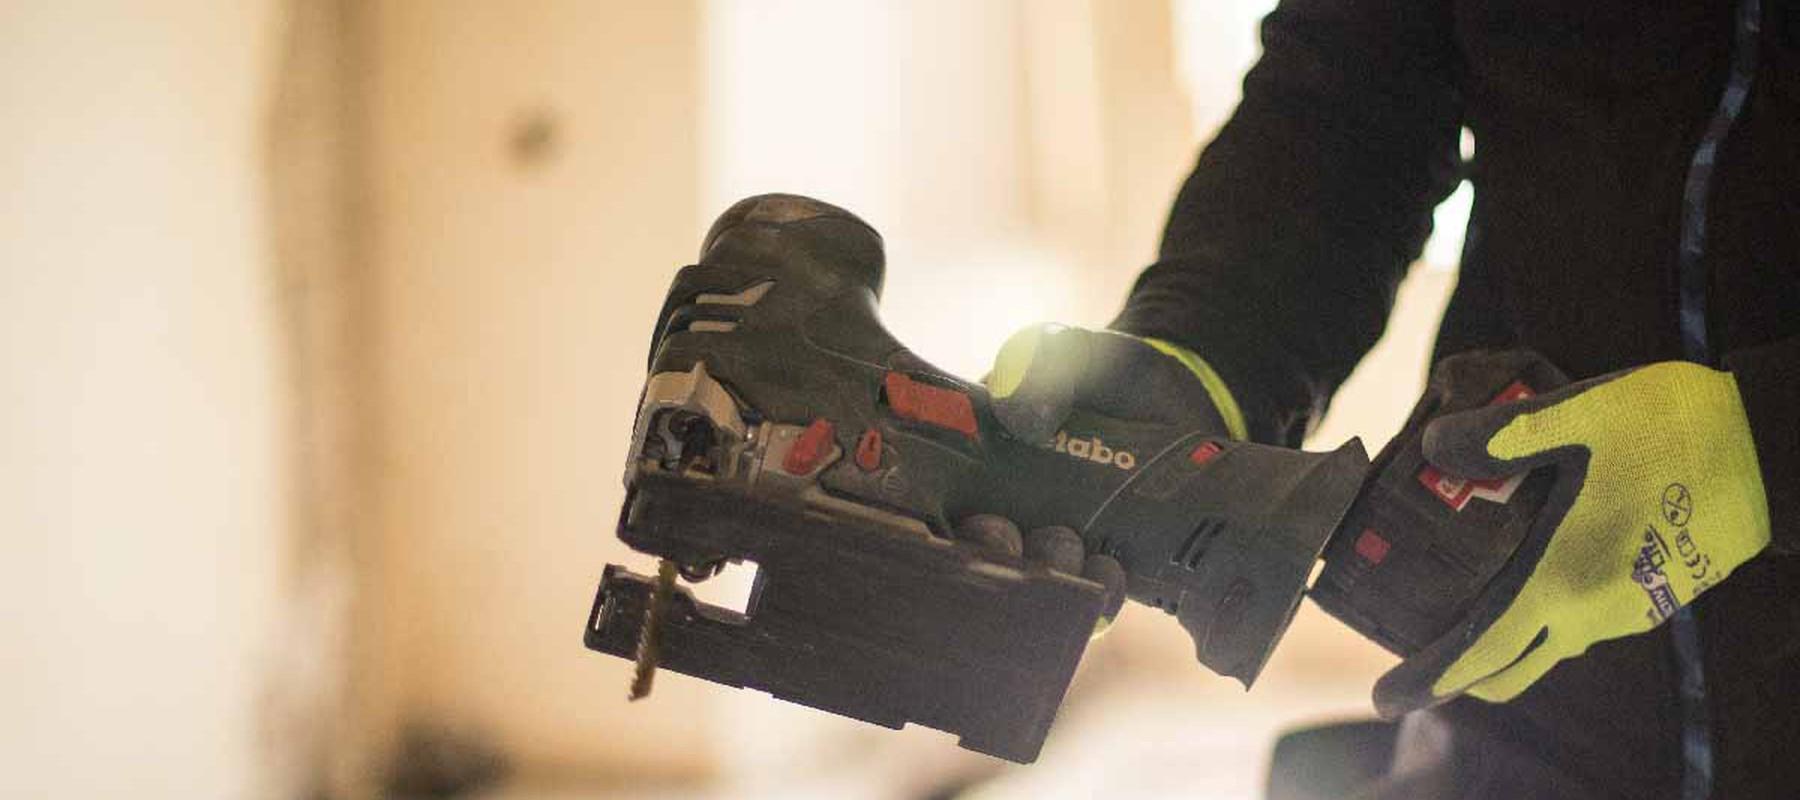 PowerMix biedt de zekerheid van goed elektrisch gereedschap